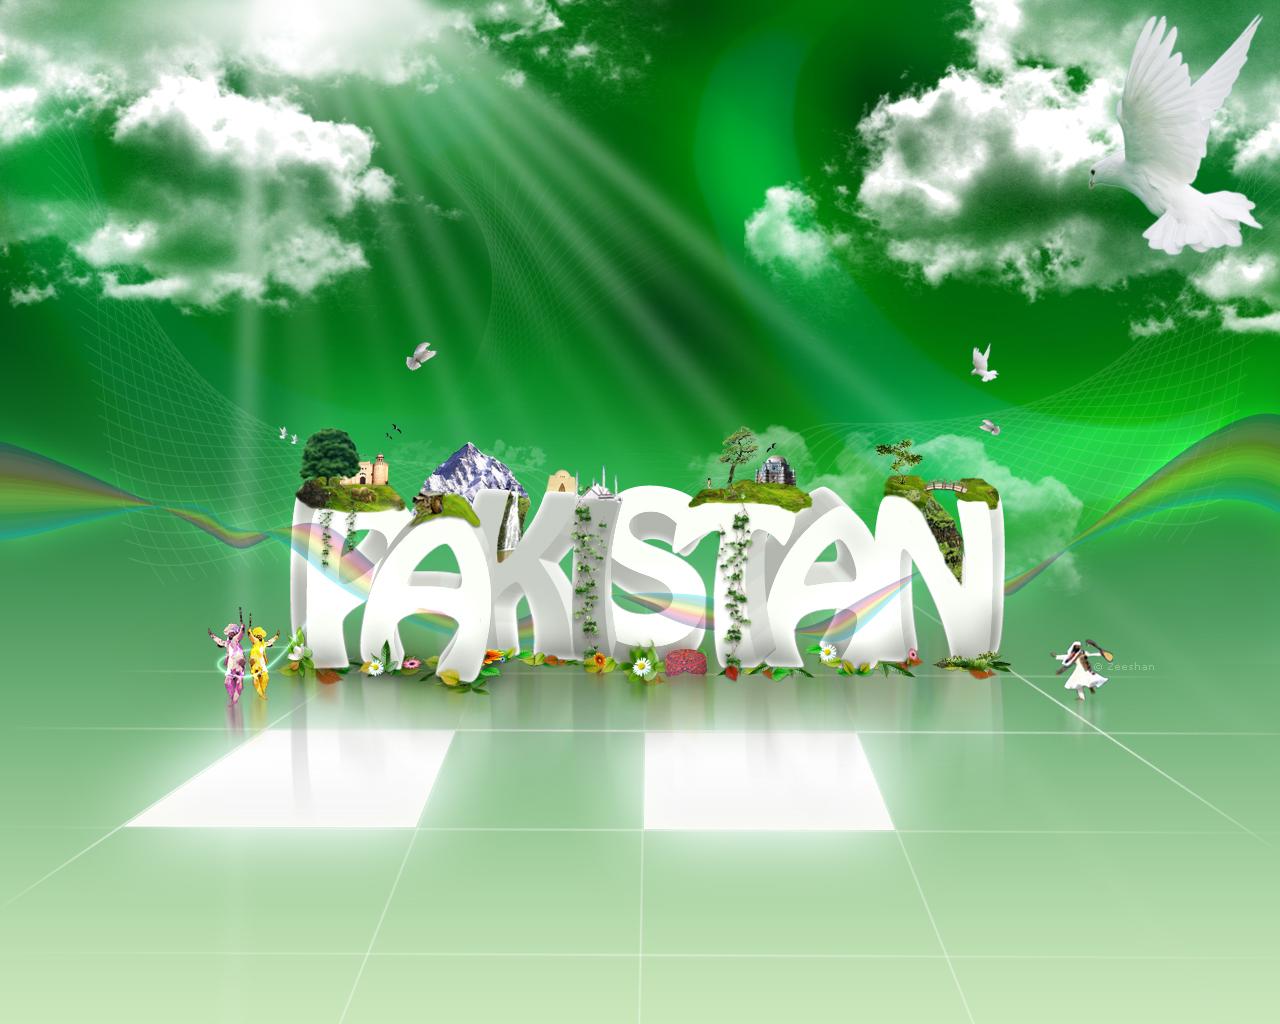 http://2.bp.blogspot.com/-7vhVImdeo0Q/TkSpyGKx4JI/AAAAAAAAC80/-2-oFFgkMUg/s1600/Pakisran_Wallpaper_by_xishan1.jpg